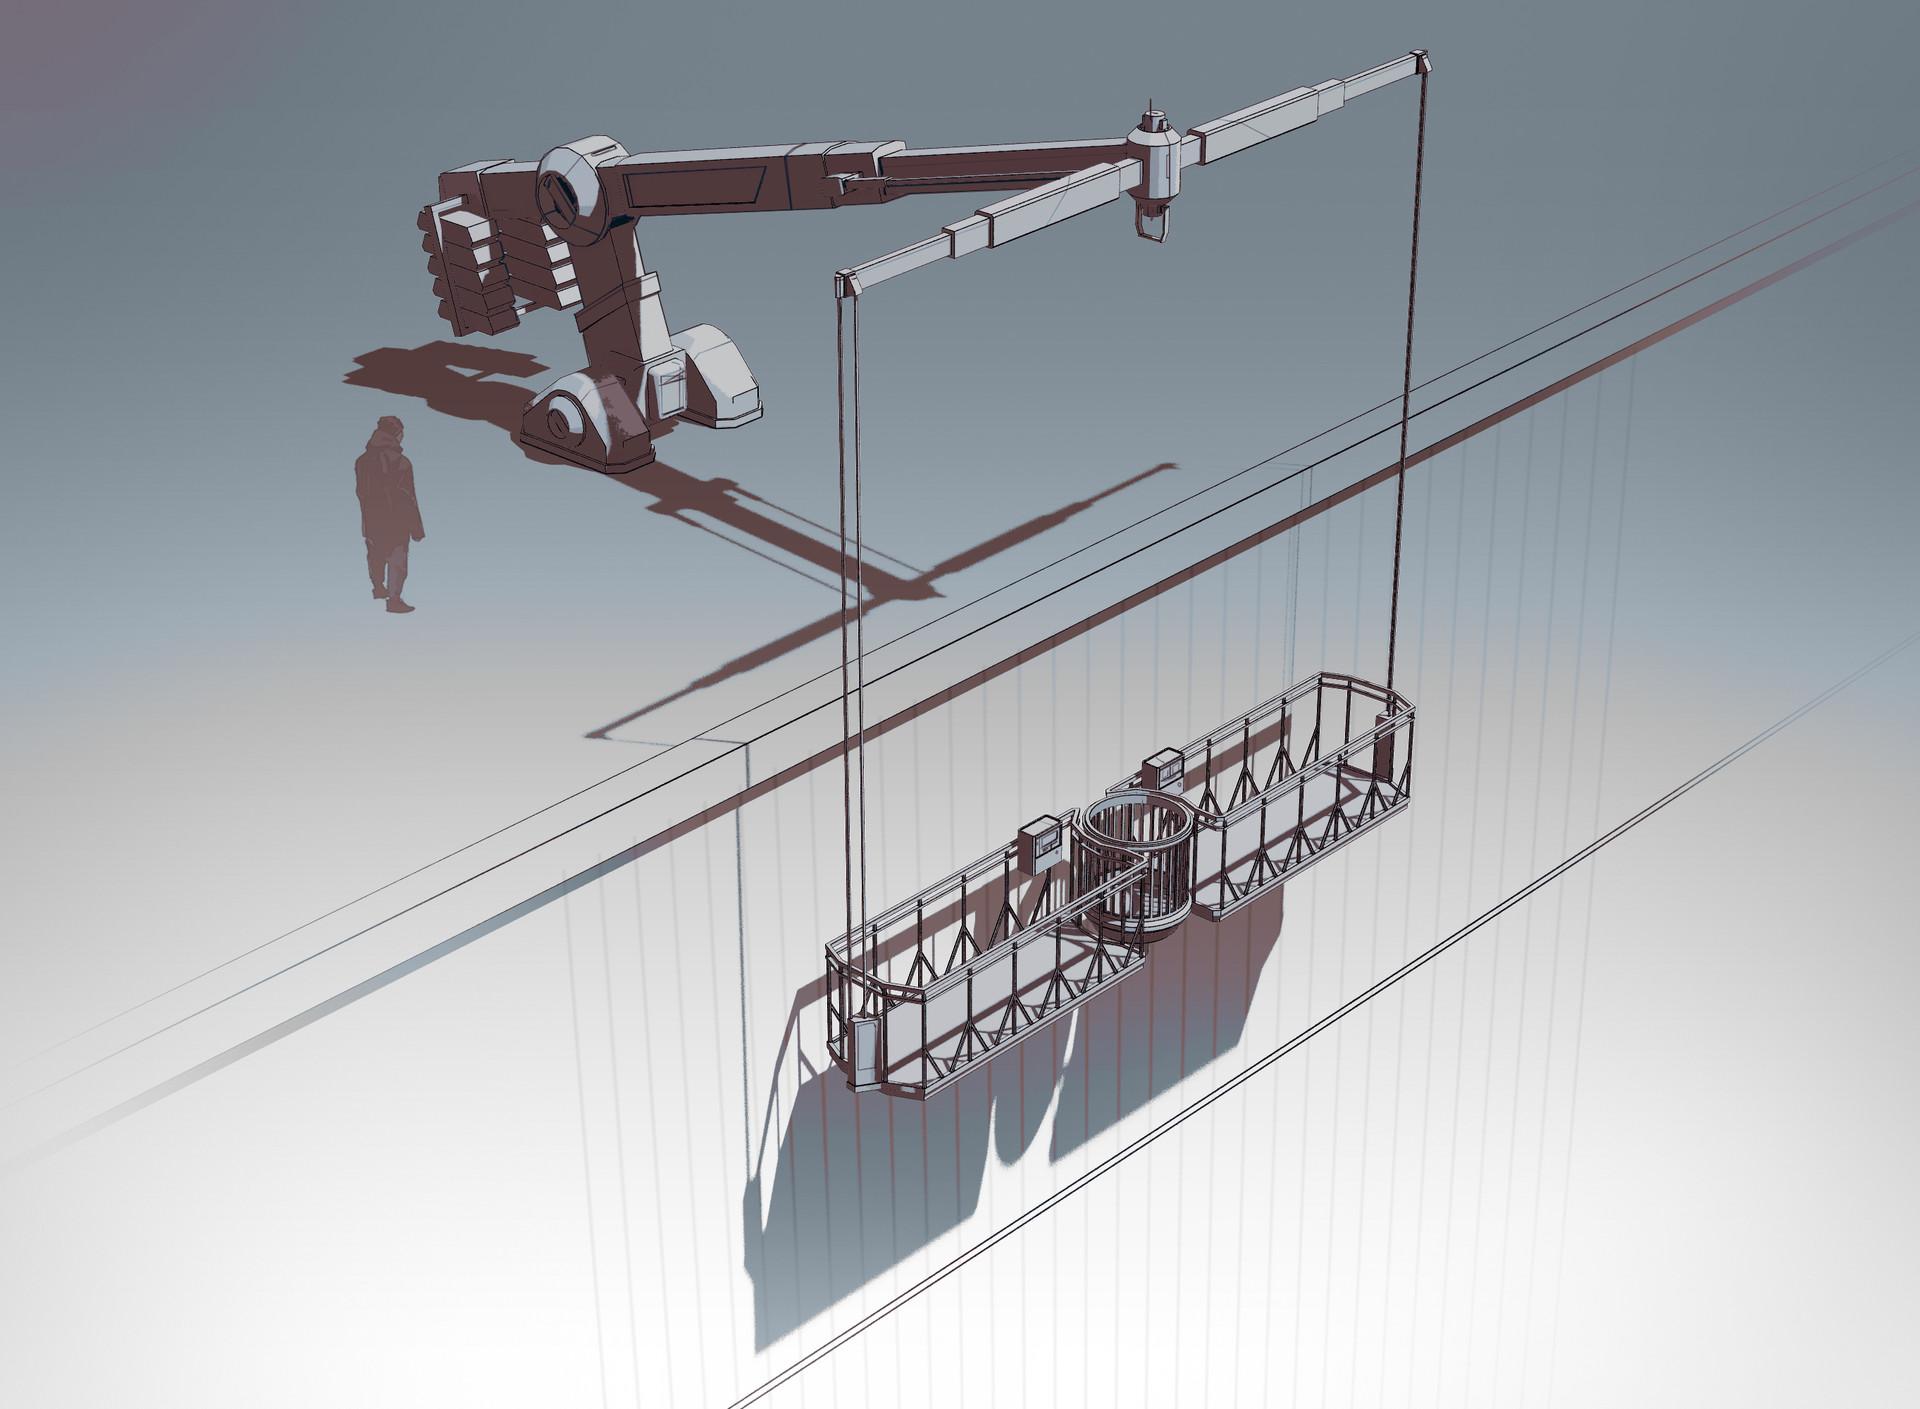 Jeremy paillotin greebles concept v011